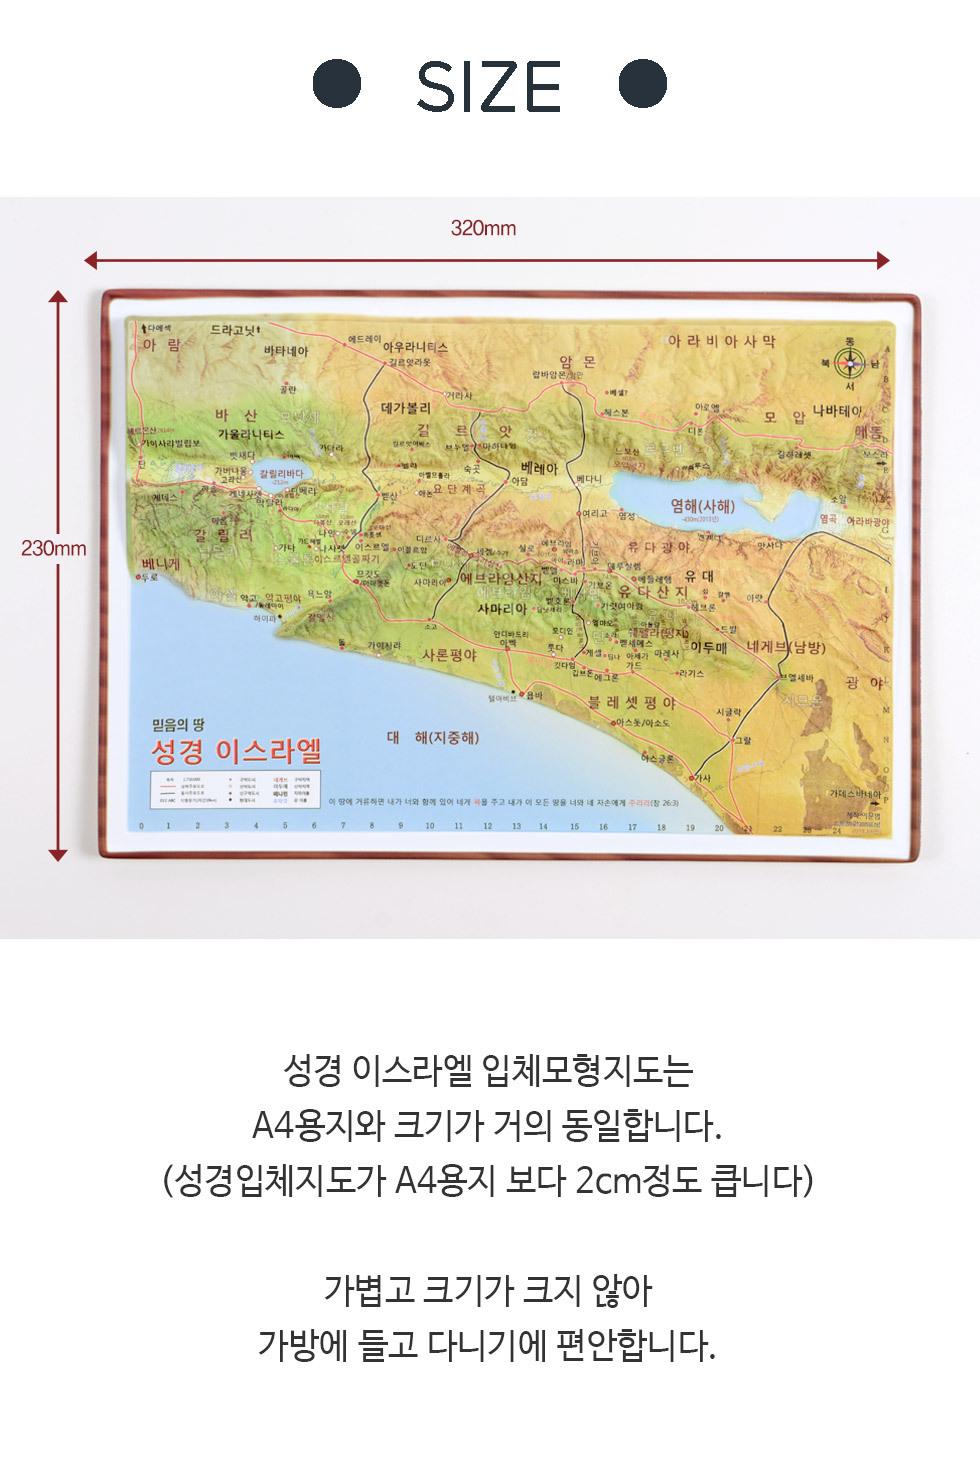 이스라엘 입체지도 - 크기